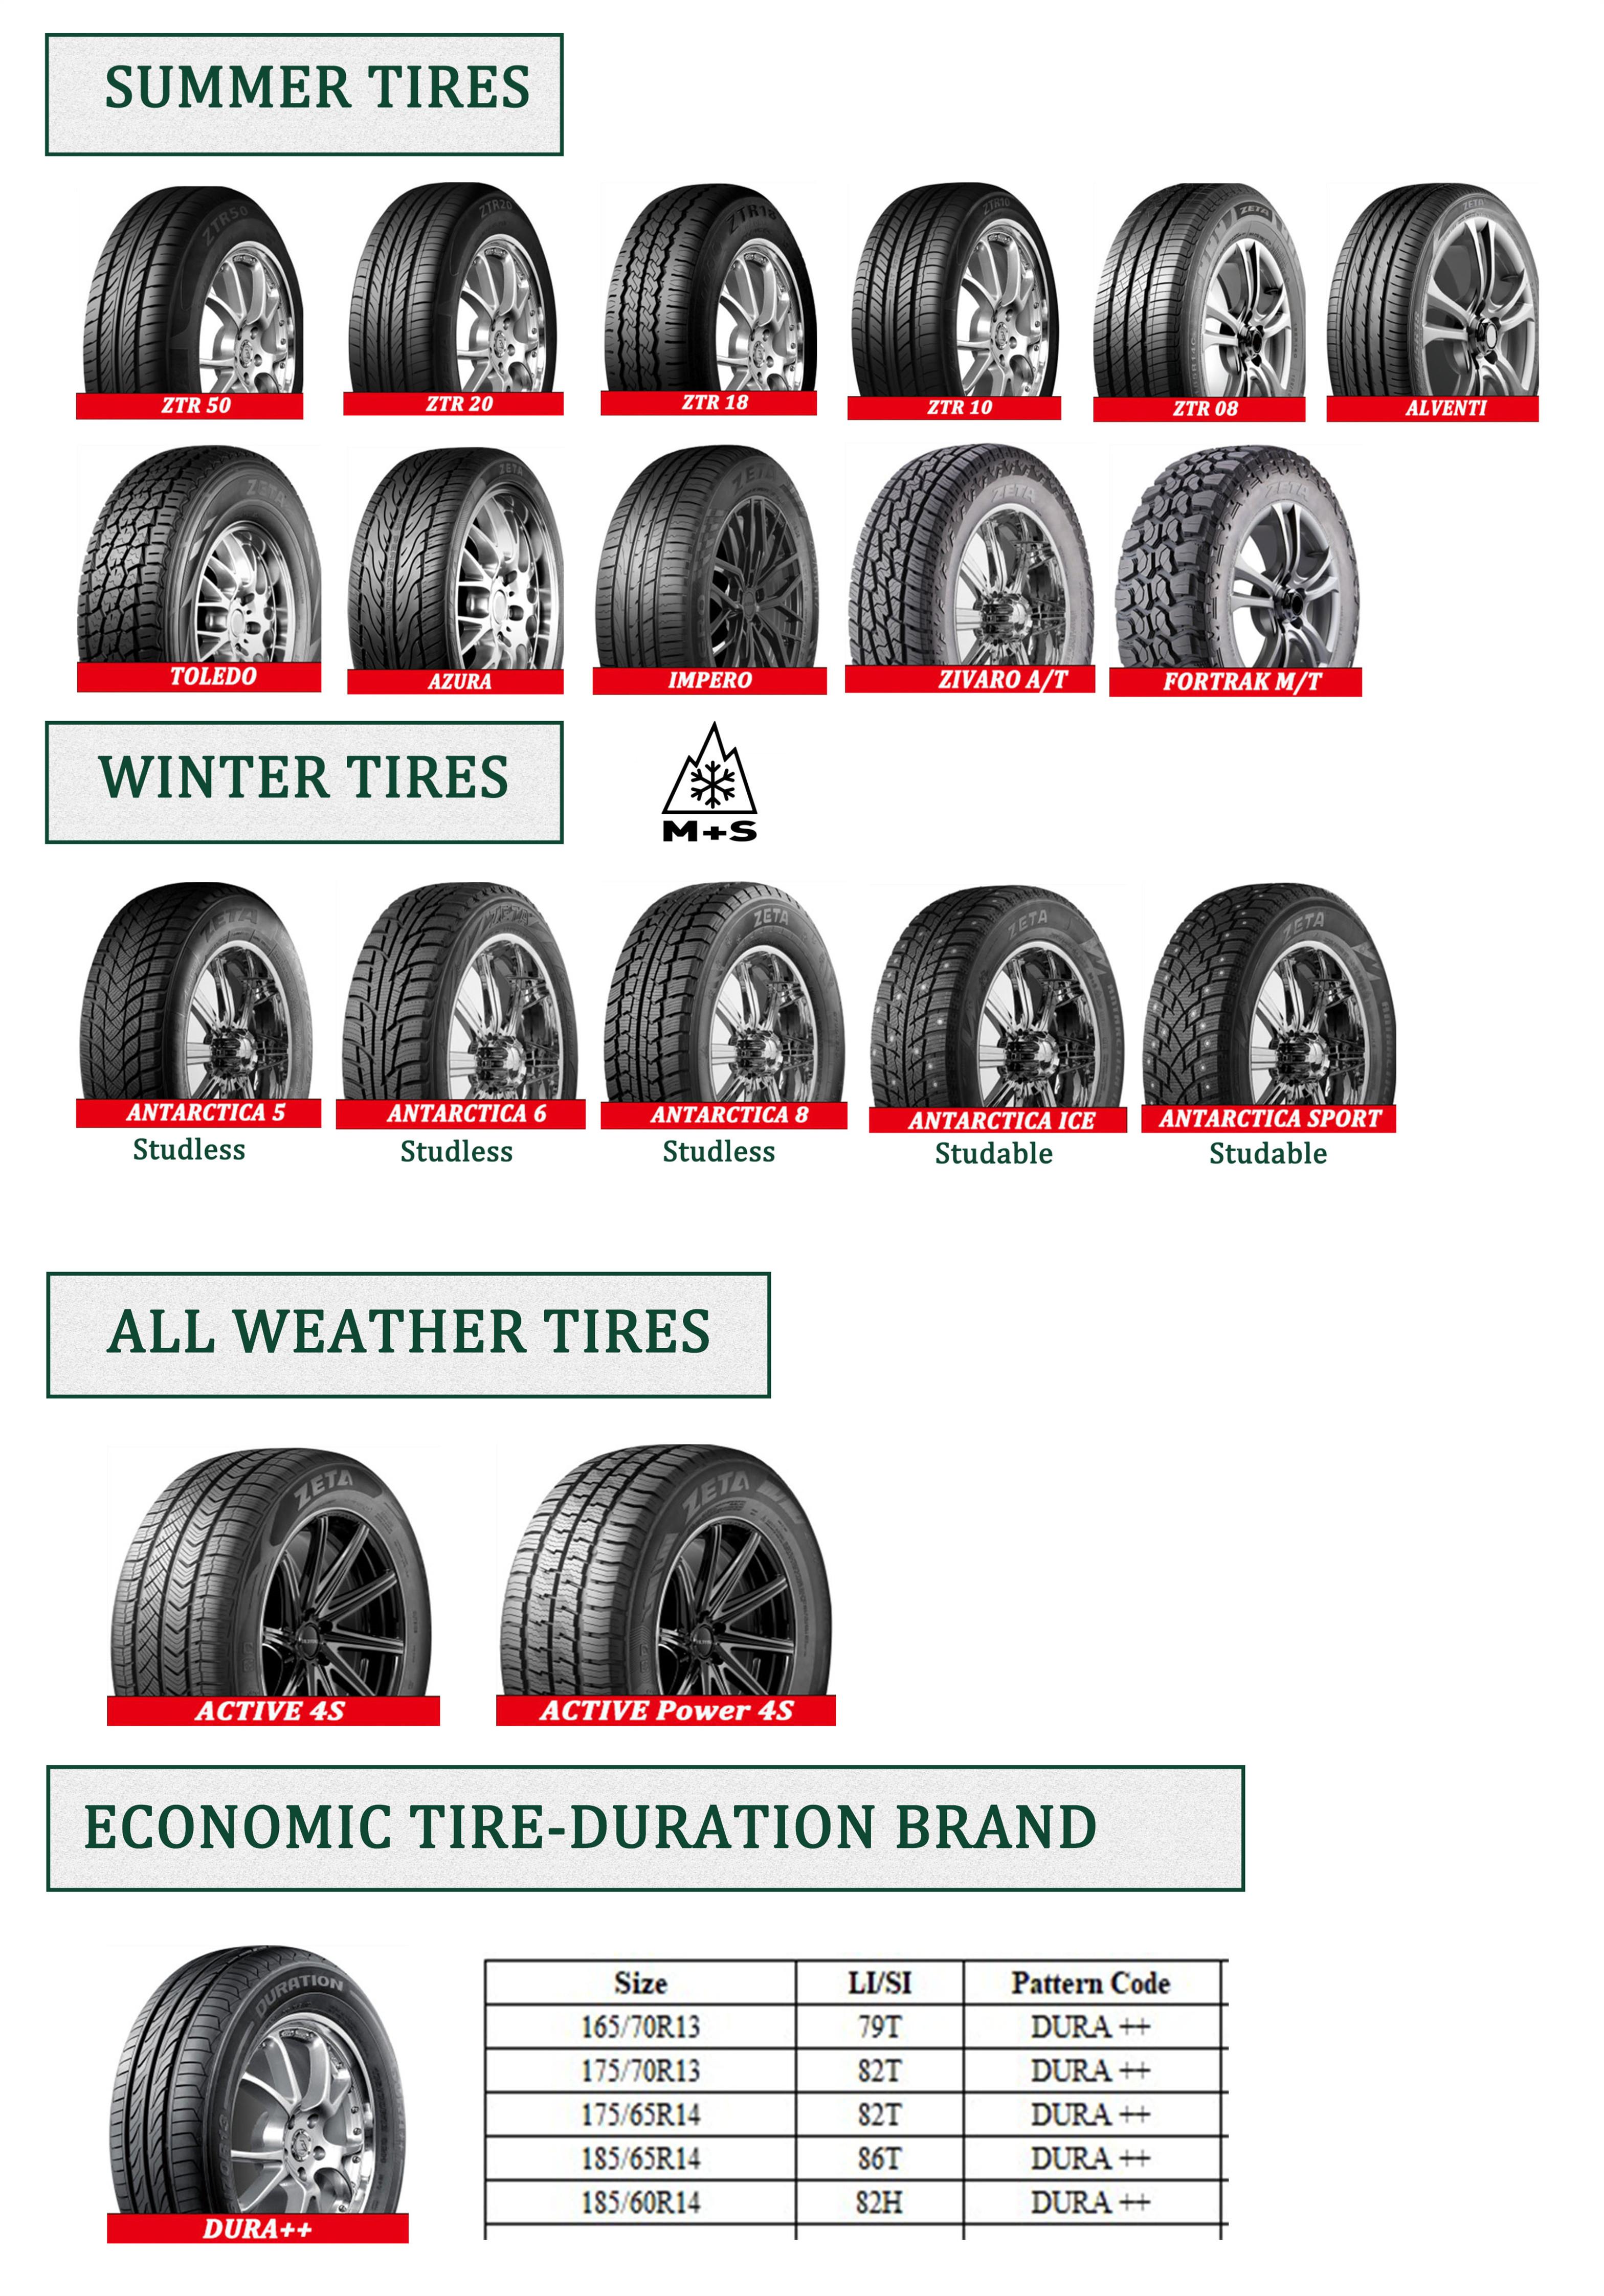 Xe mới lốp 165 65 r14 175 65 r14 với bán hàng tốt nhất new radial xe lốp kích thước